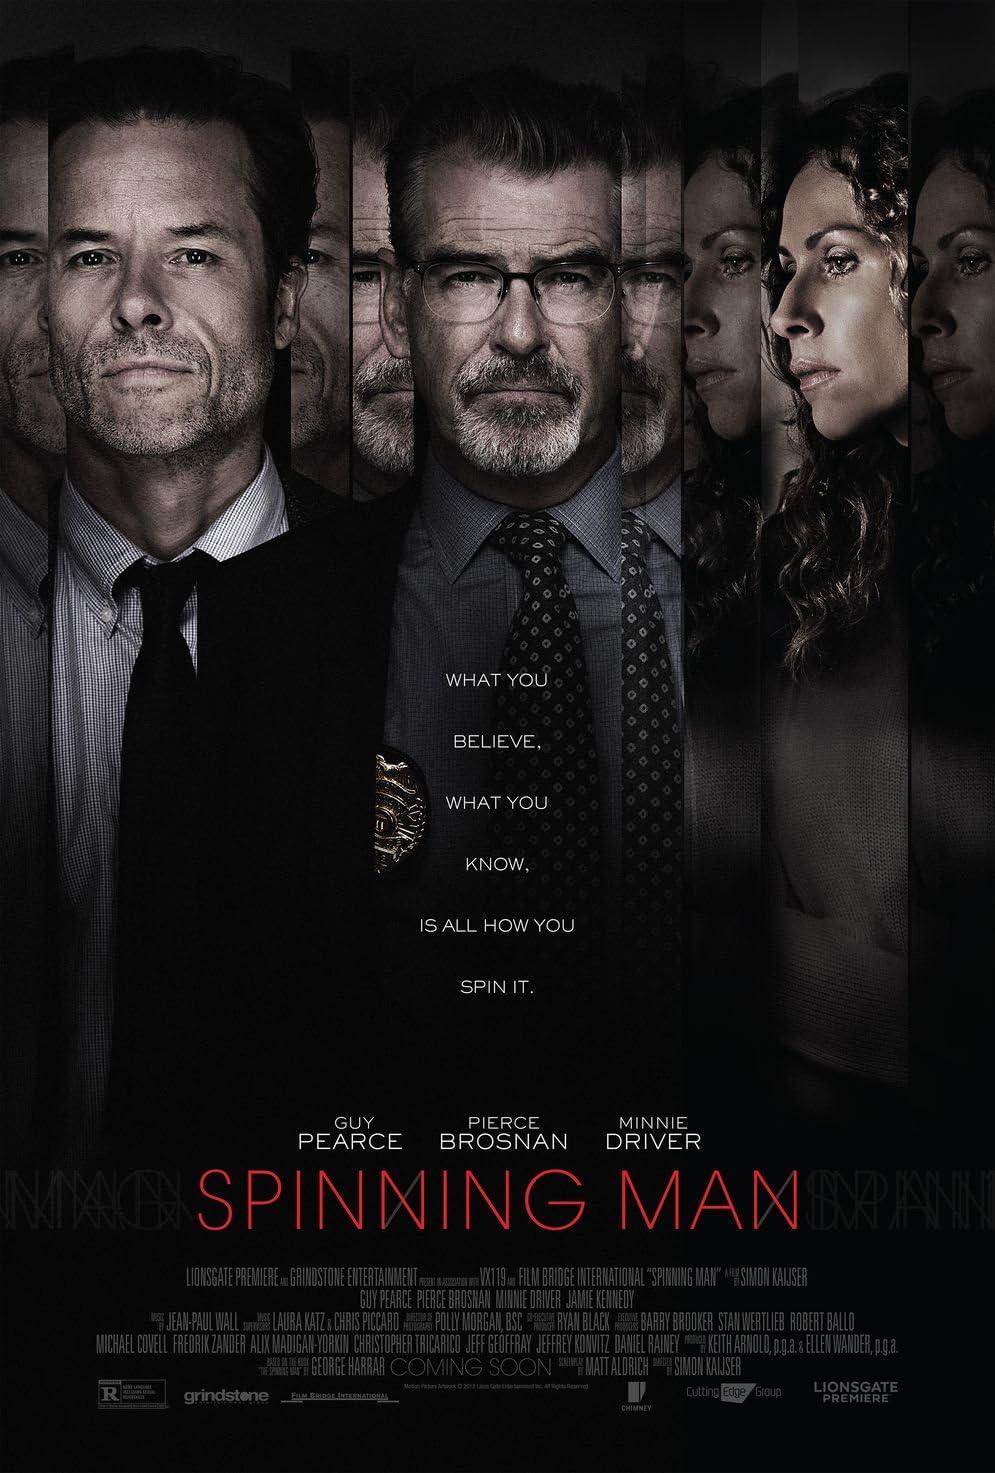 Poster Spinning Man Movie 70 X 45 cm: Amazon.es: Hogar